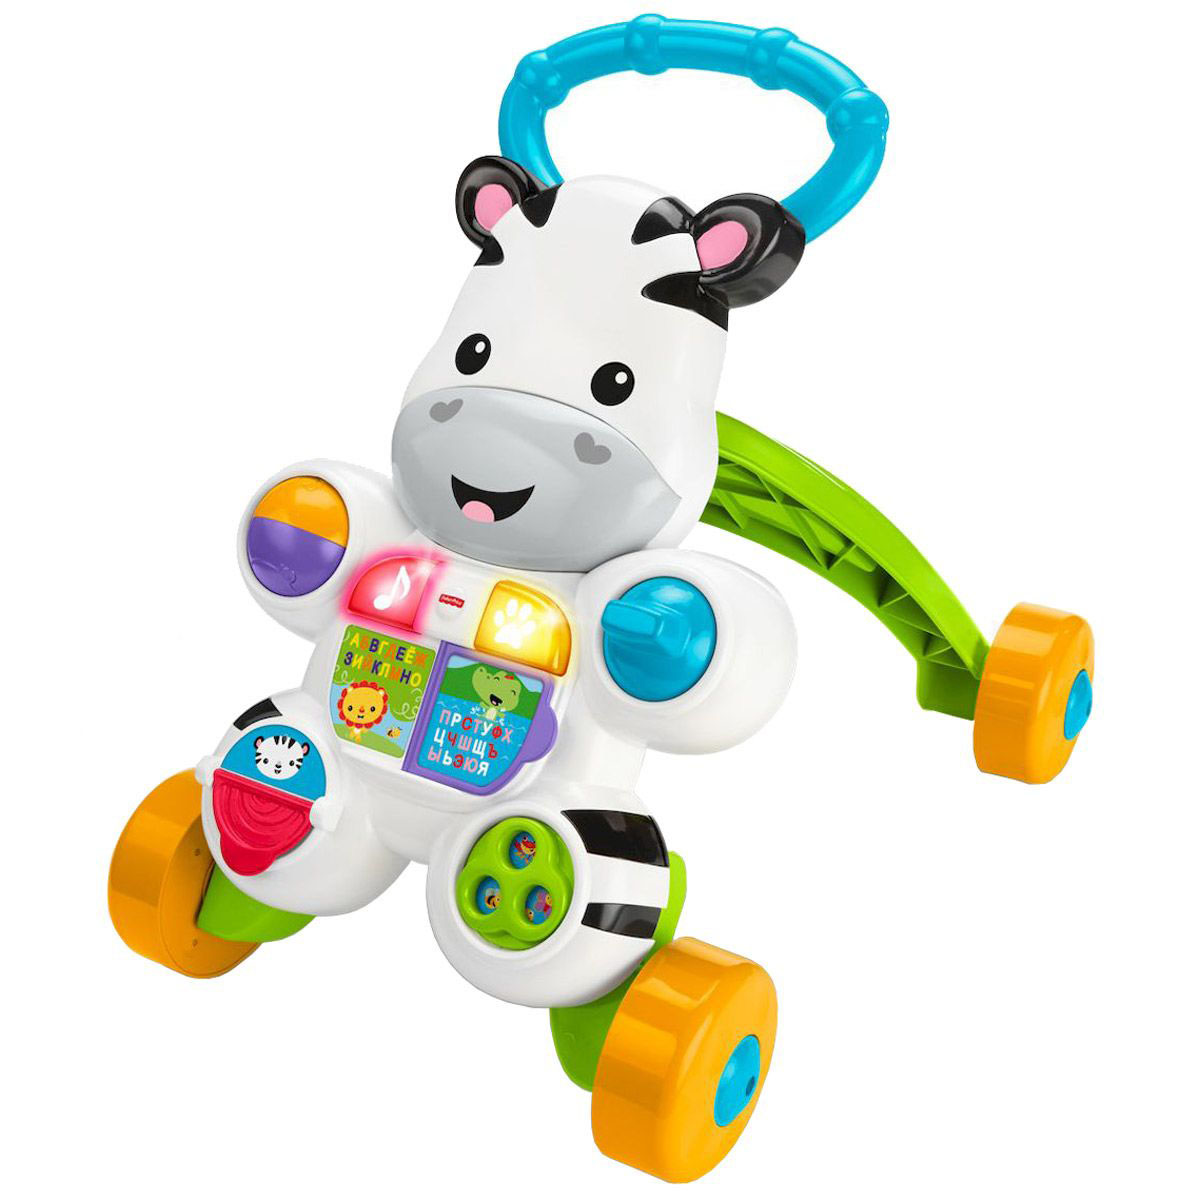 Каталка Fisher-Price® - ЗебраРазвивающие игрушки Fisher-Price<br>Каталка Fisher-Price® - Зебра<br>